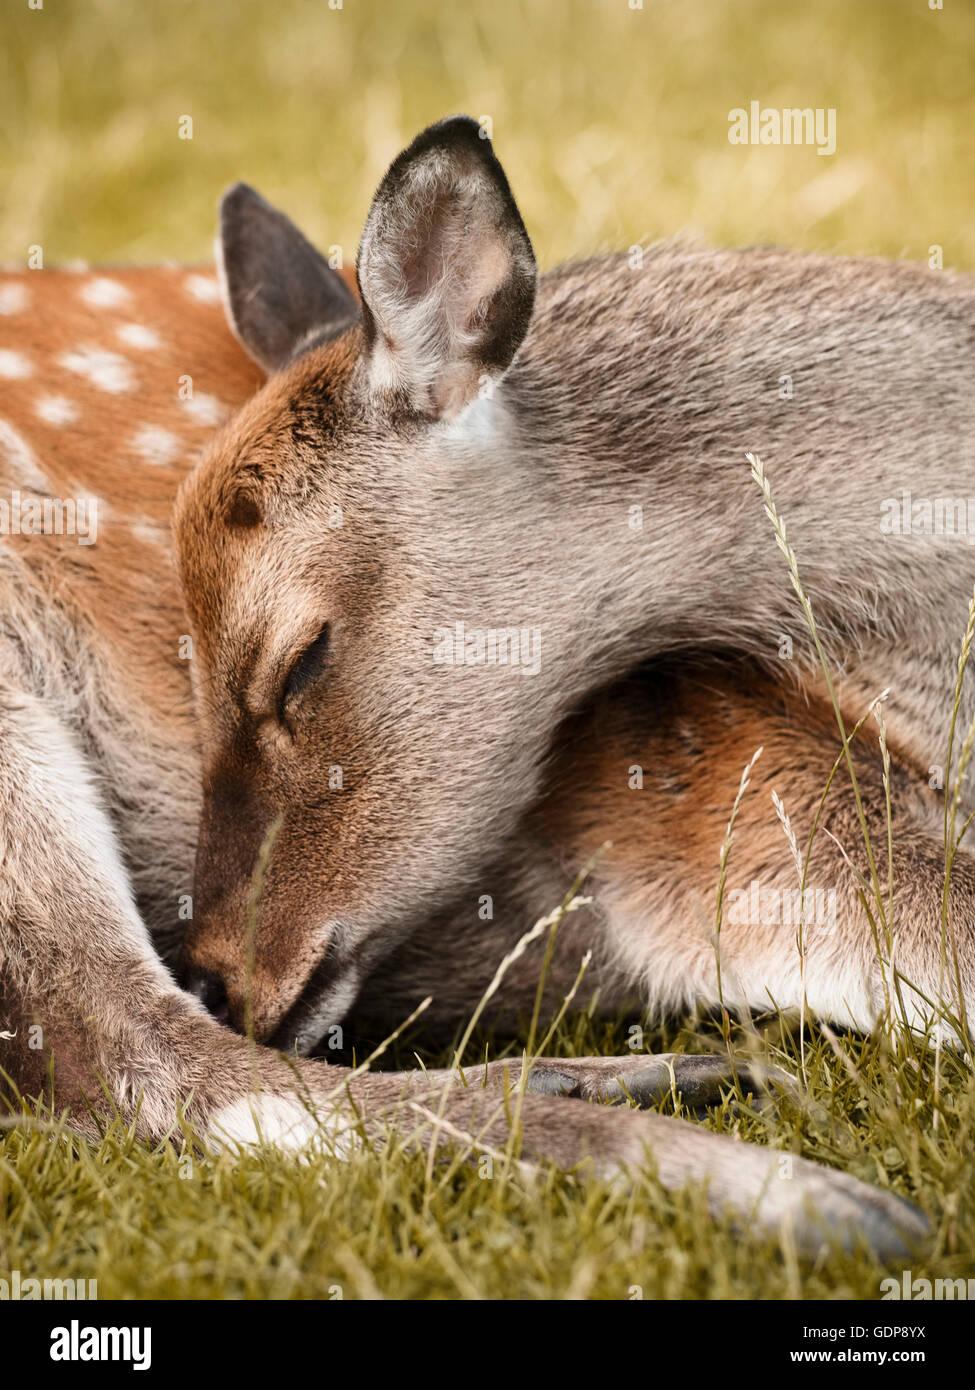 Deer sleeping, close-up, Aarhus, Denmark - Stock Image